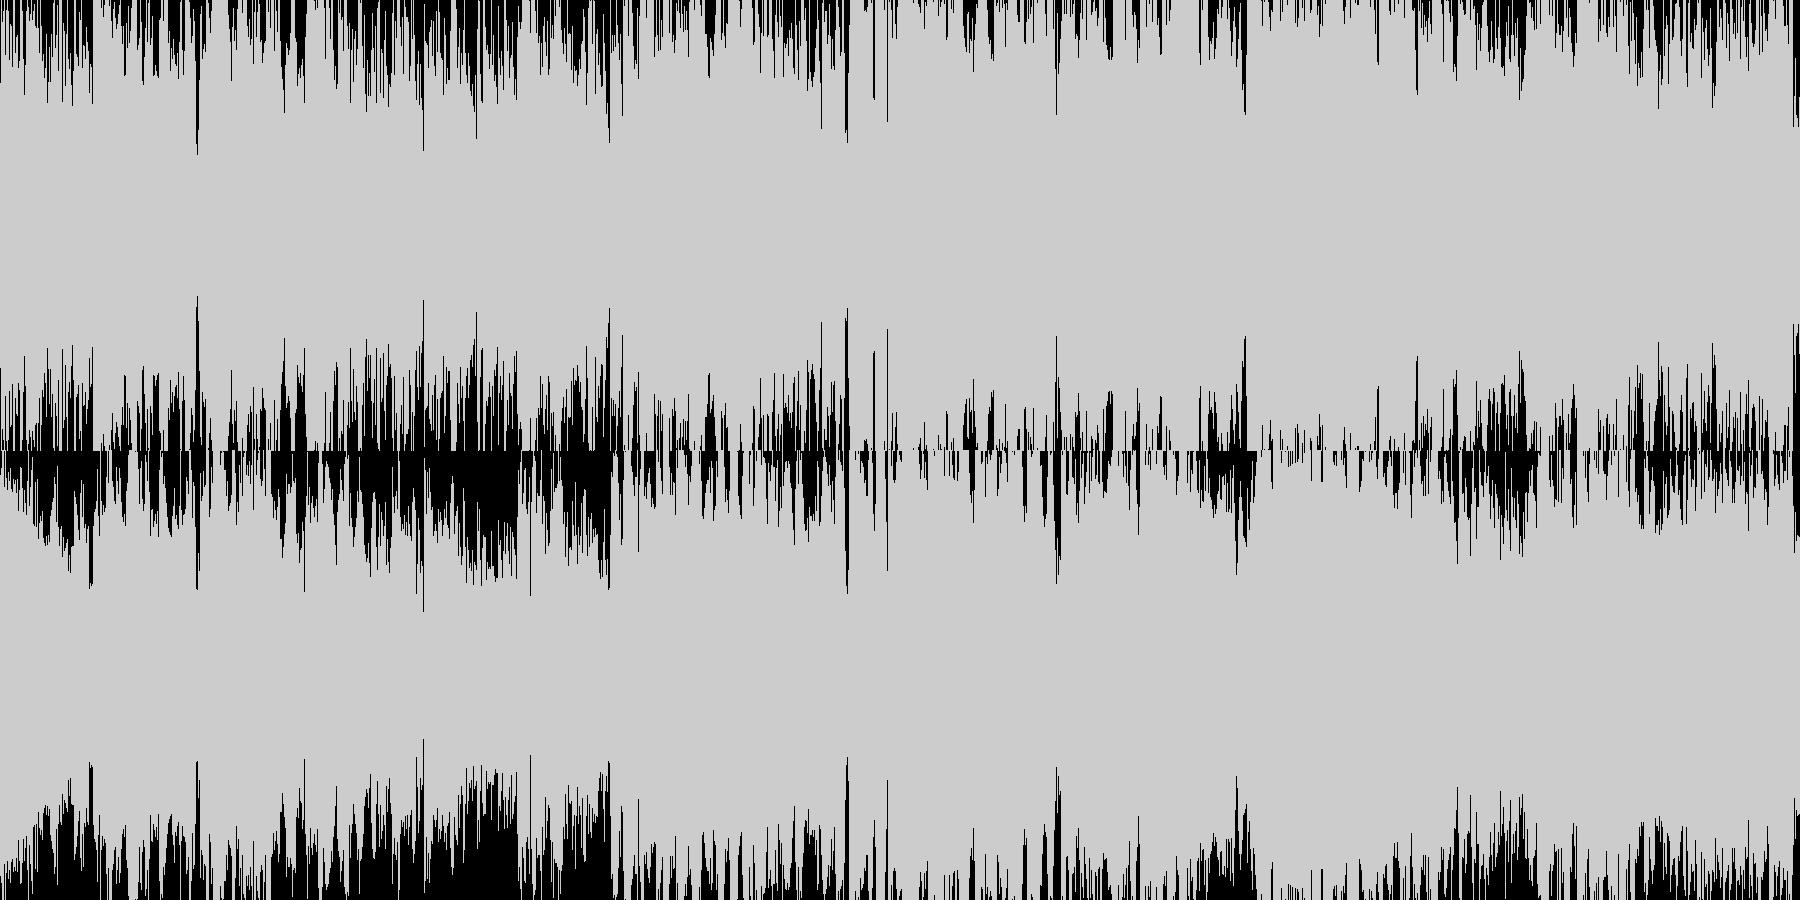 和風お祭りBGM ループ曲の未再生の波形